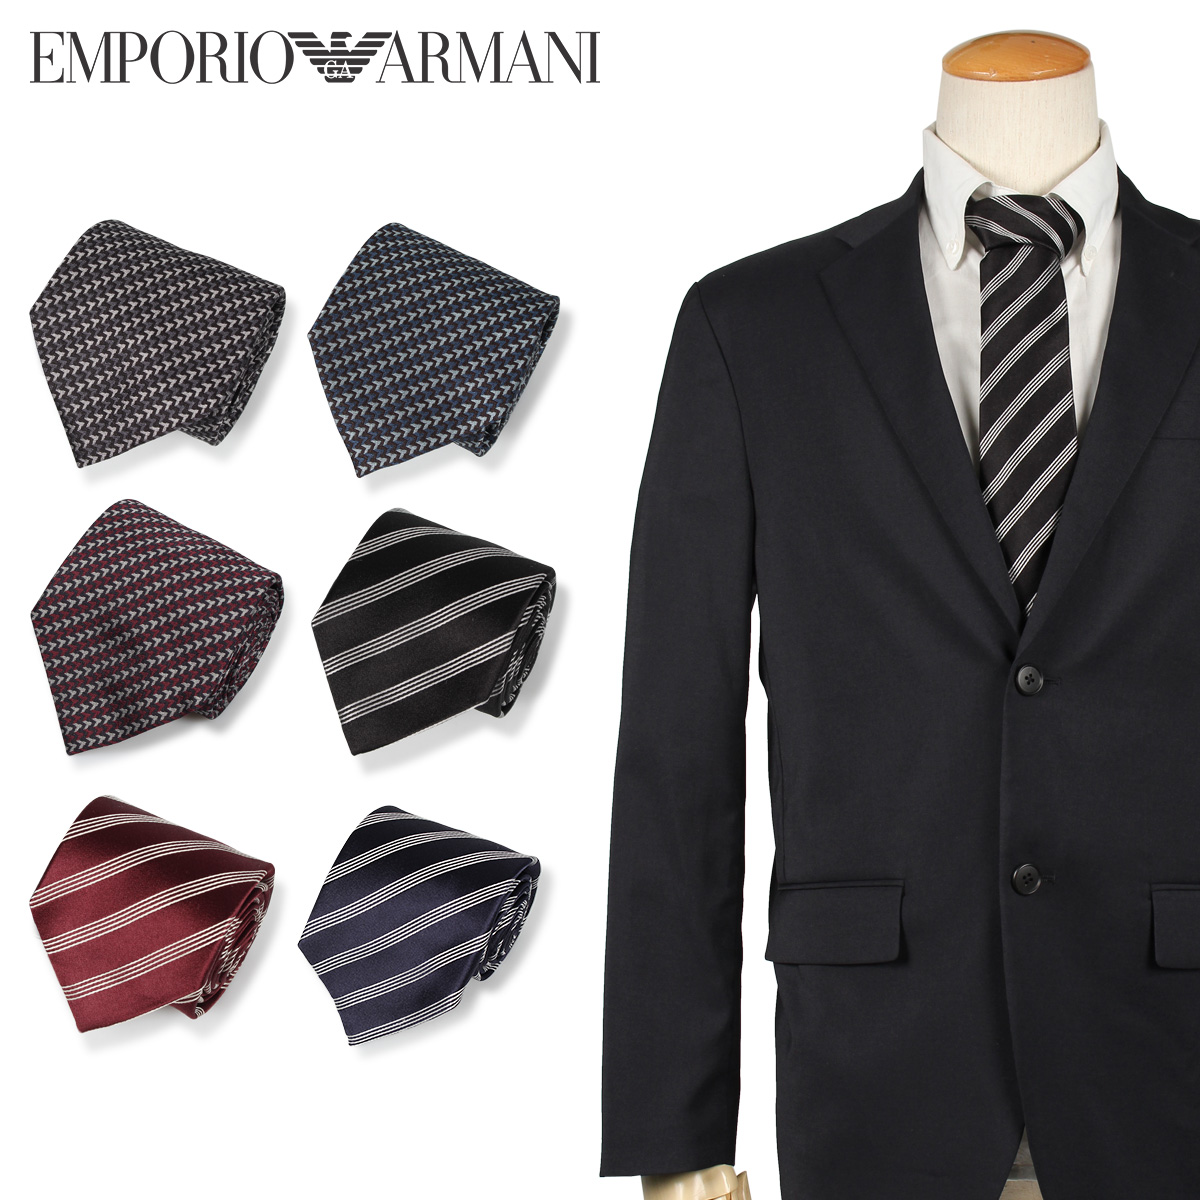 EMPORIO ARMANI エンポリオ アルマーニ ネクタイ メンズ イタリア製 シルク ビジネス 結婚式 ブラック グレー ネイビー ワインレッド レッド ダーク ブルー 黒